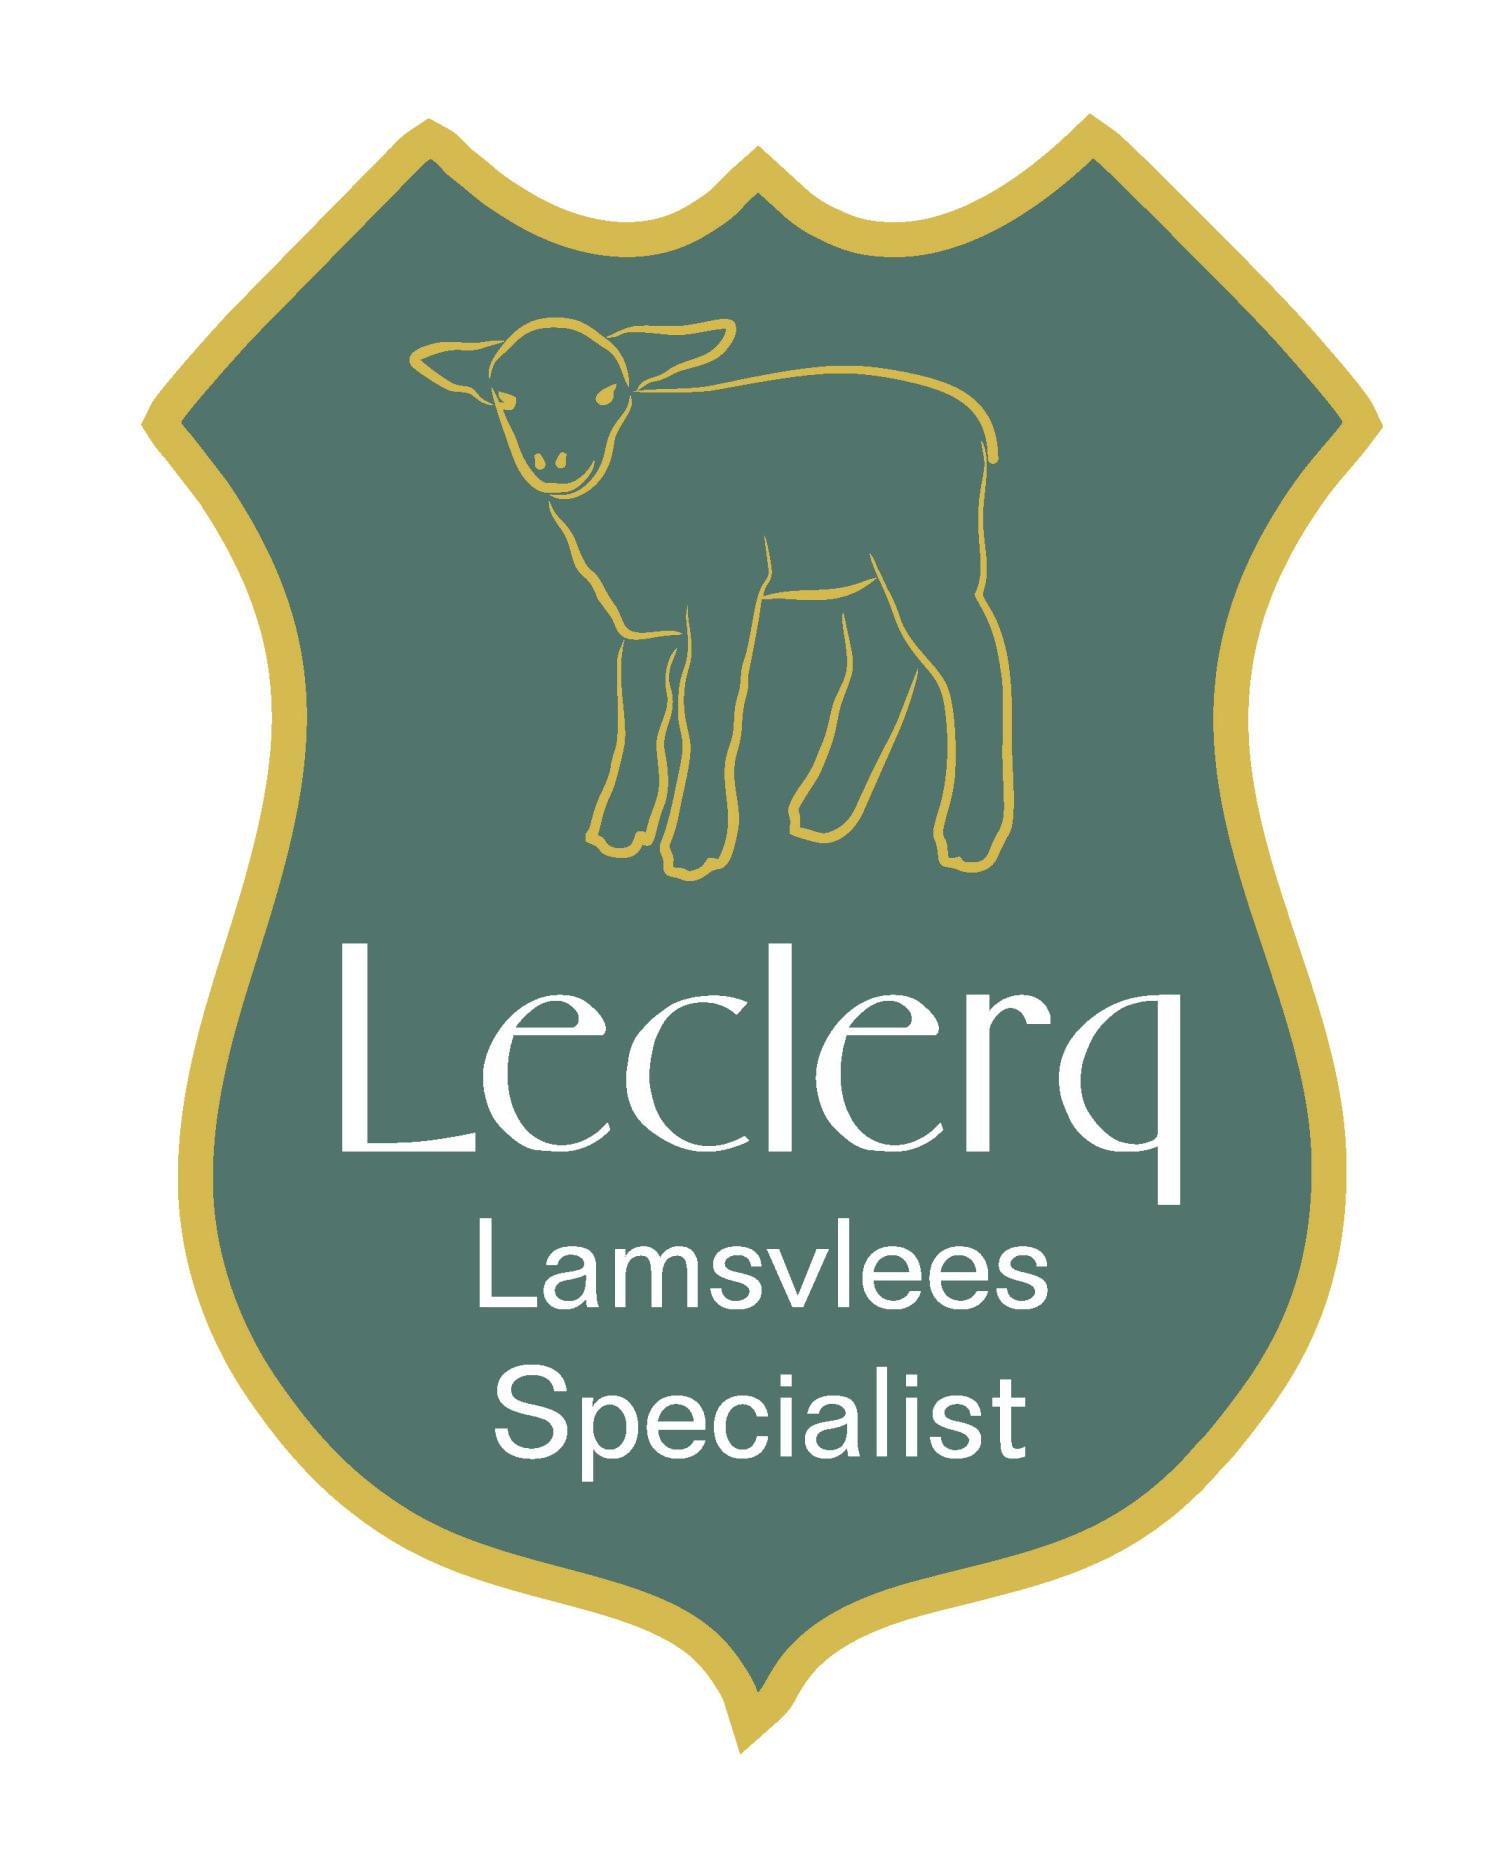 Al sinds jaar en dag is Leclerq de specialist in halal lamsvlees. Leclerq is een begrip in de wijde omgeving. In de loop der jaren is Leclerq op de nationale en internationale markt bekend geworden. Uitbreiding en verdere specialisatie van de slachtactiviteiten hebben Lamsvleesspecialist Leclerq in 2014 doen besluiten om Puth te gaan verlaten. Offerfeest 1 Het Halal lamsvlees van Lamsvleesspecialist Leclerq wordt zowel op de nationale als op de internationale markt succesvol afgezet. De aankoop, verwerking en verkoop van lamsvlees gebeurt in eigen huis. Lamsvleesspecialist Leclerq maakt gebruik van de modernste slachttechnieken, gekoppeld aan optimale procesbeheersing en kwaliteitsbewaking. Hierbij zijn flexibiliteit, klantgerichtheid, kwaliteit en versheid belangrijke uitgangspunten. U bent van harte welkom in ons pand aan de Koumen 13 -15 in Hoensbroek. Meer informatie over de contactgegevens of over de openingstijden van Leclerq in Hoensbroek vindt u hier.